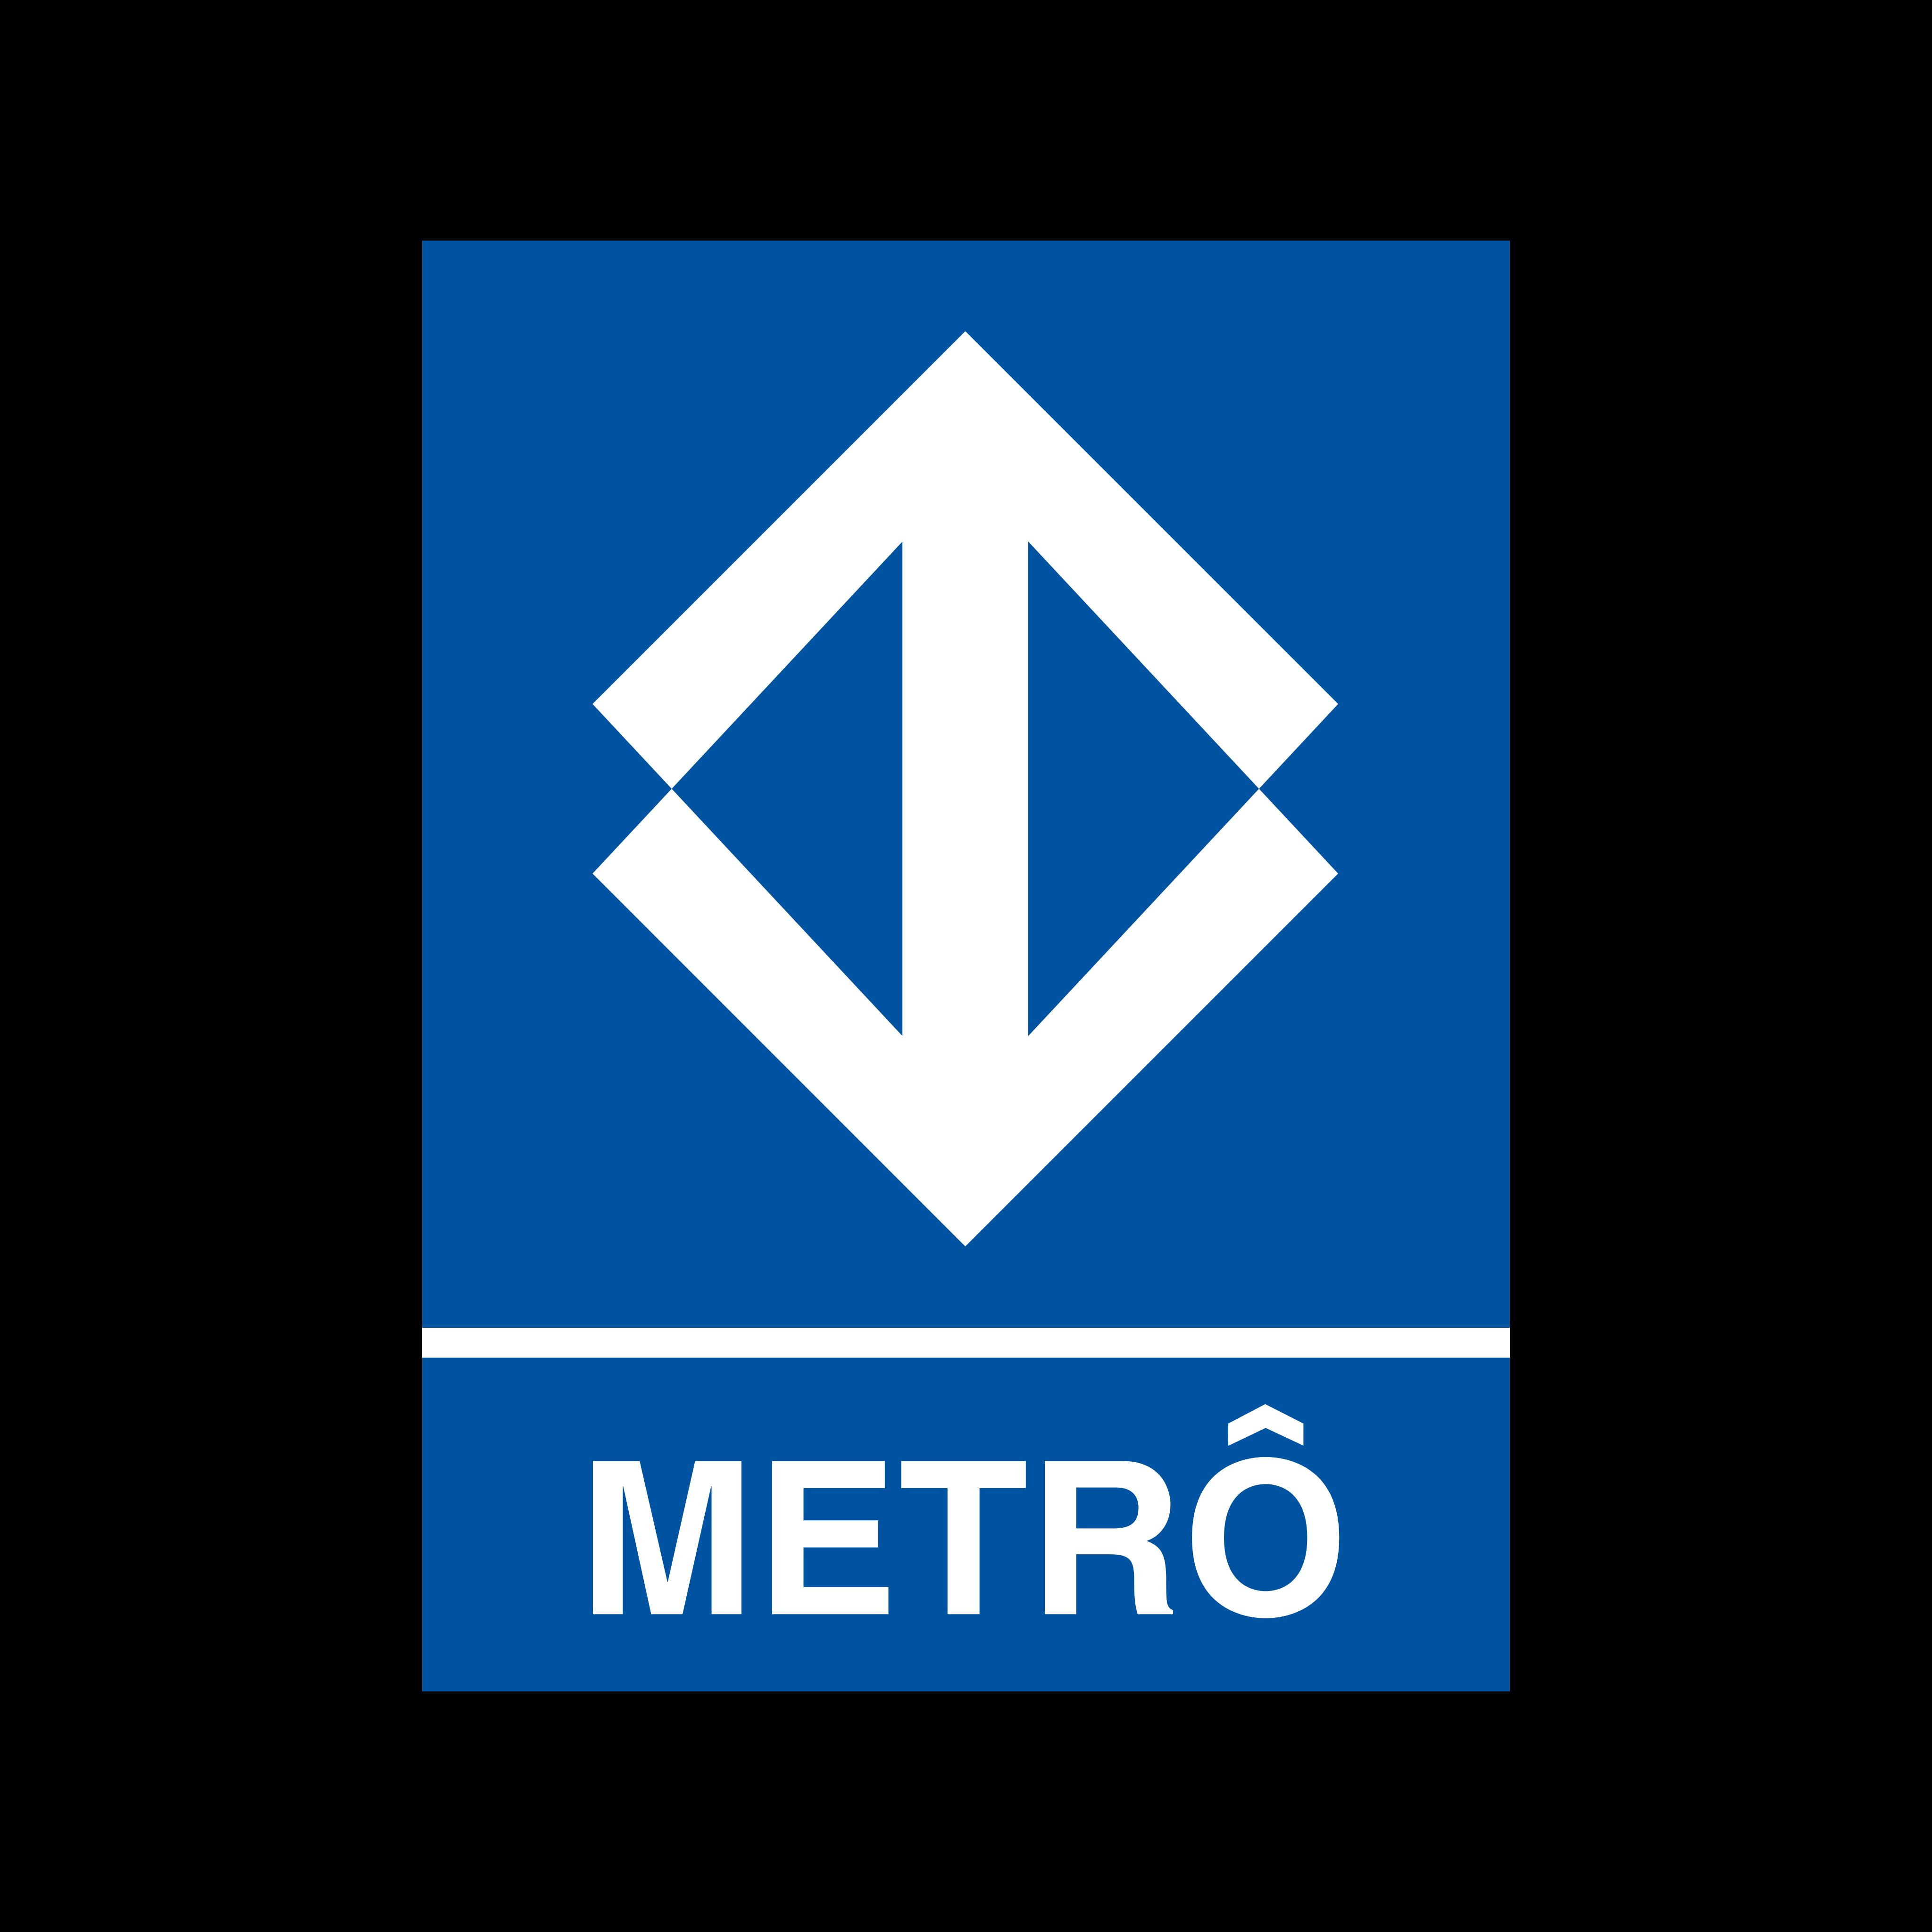 metro sp logo 0 - Metrô SP Logo